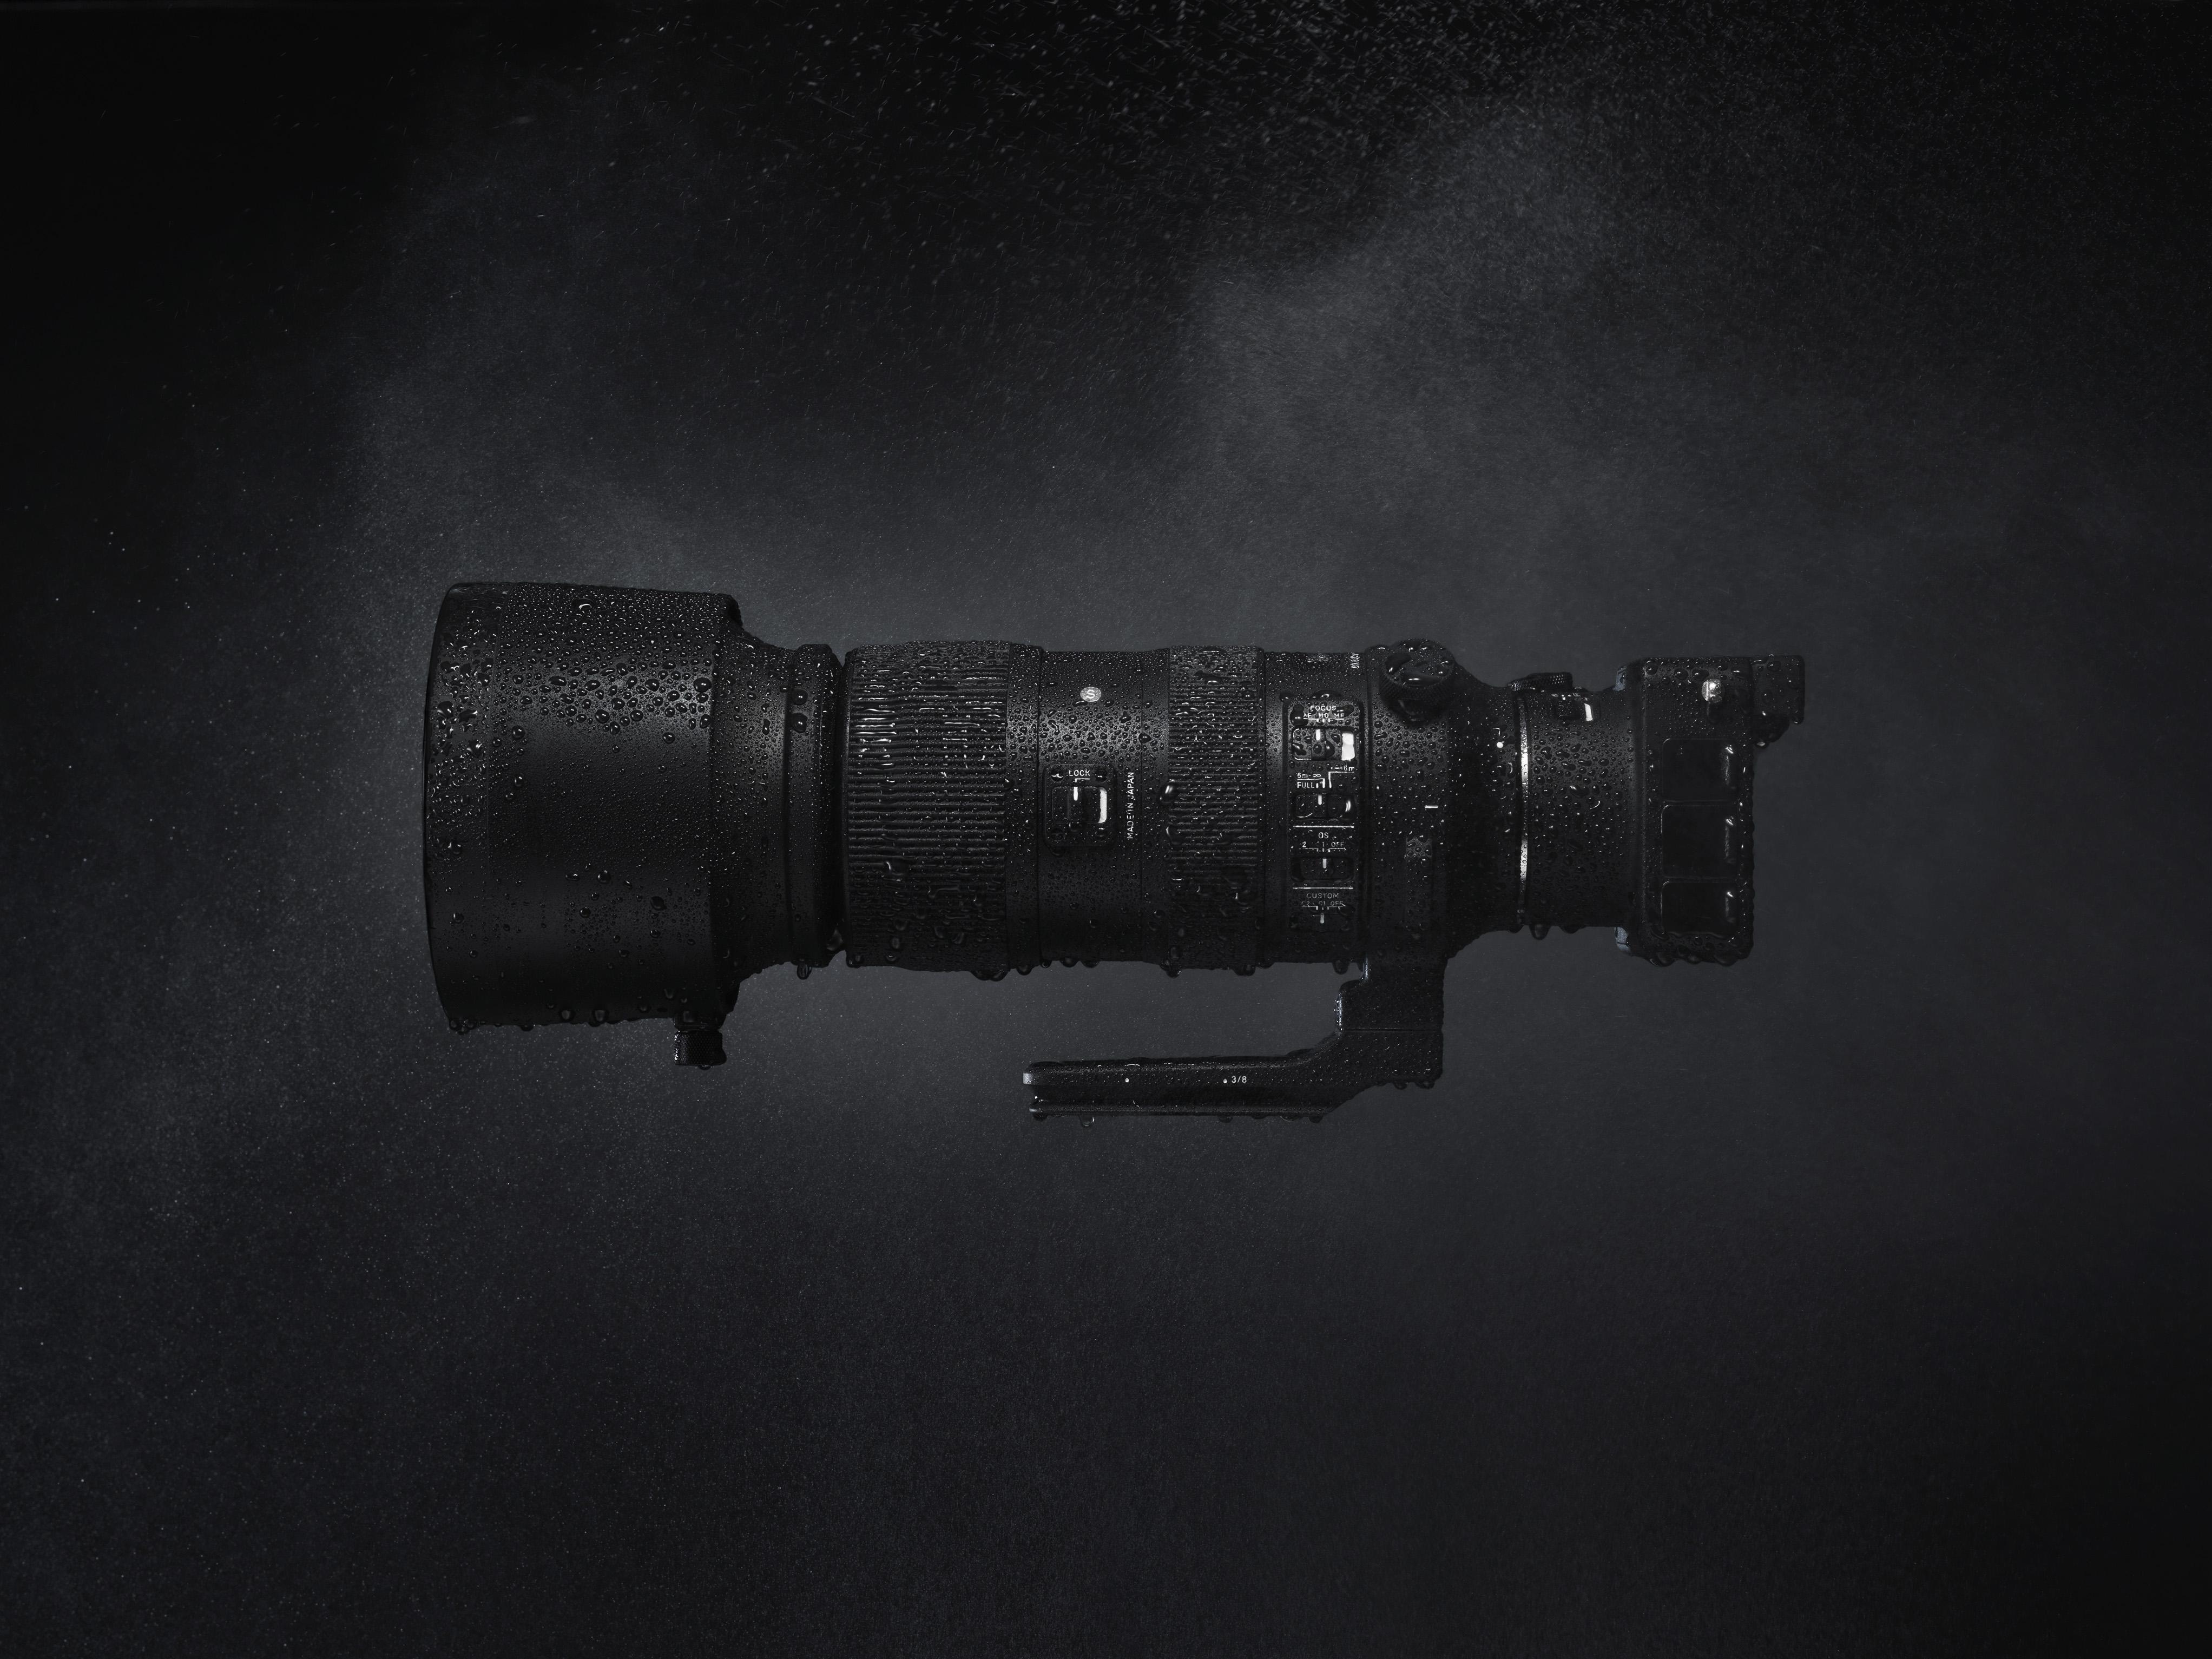 SIGMA 60-600 mm F4.5-6.3 S DG OS HSM – nowość w ofercie